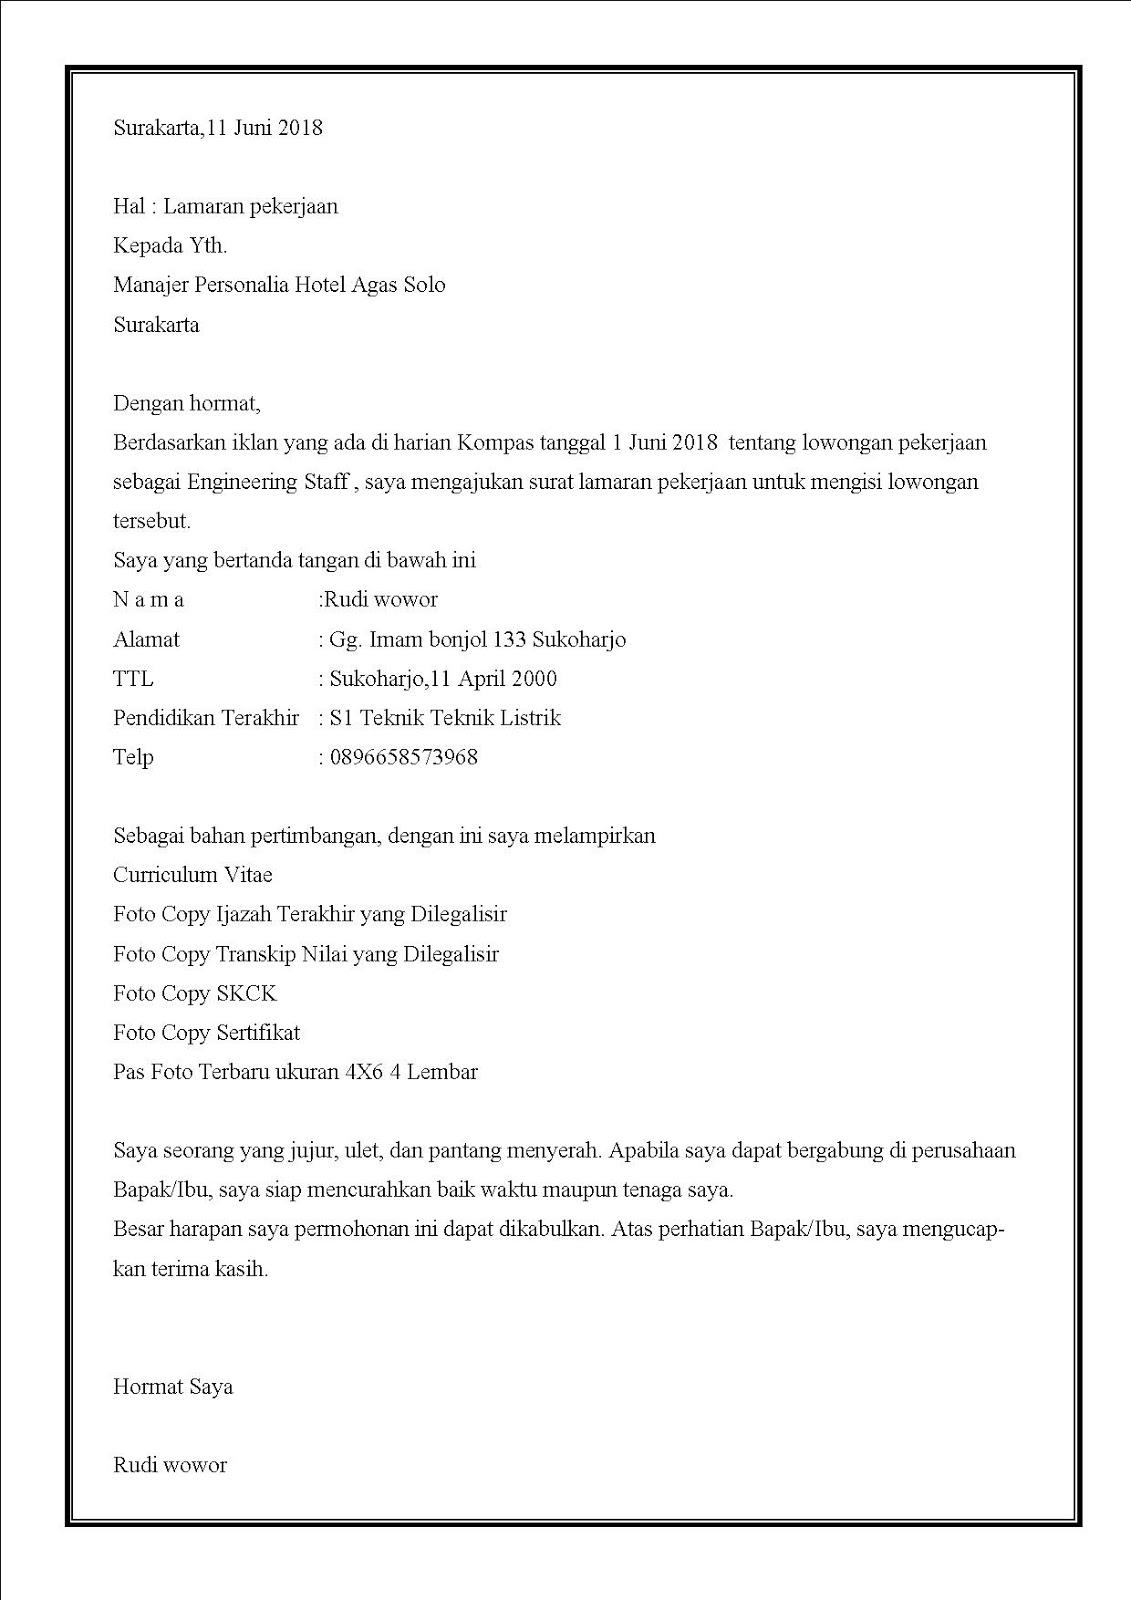 Contoh surat lamaran kerja di hotel bagian engineering